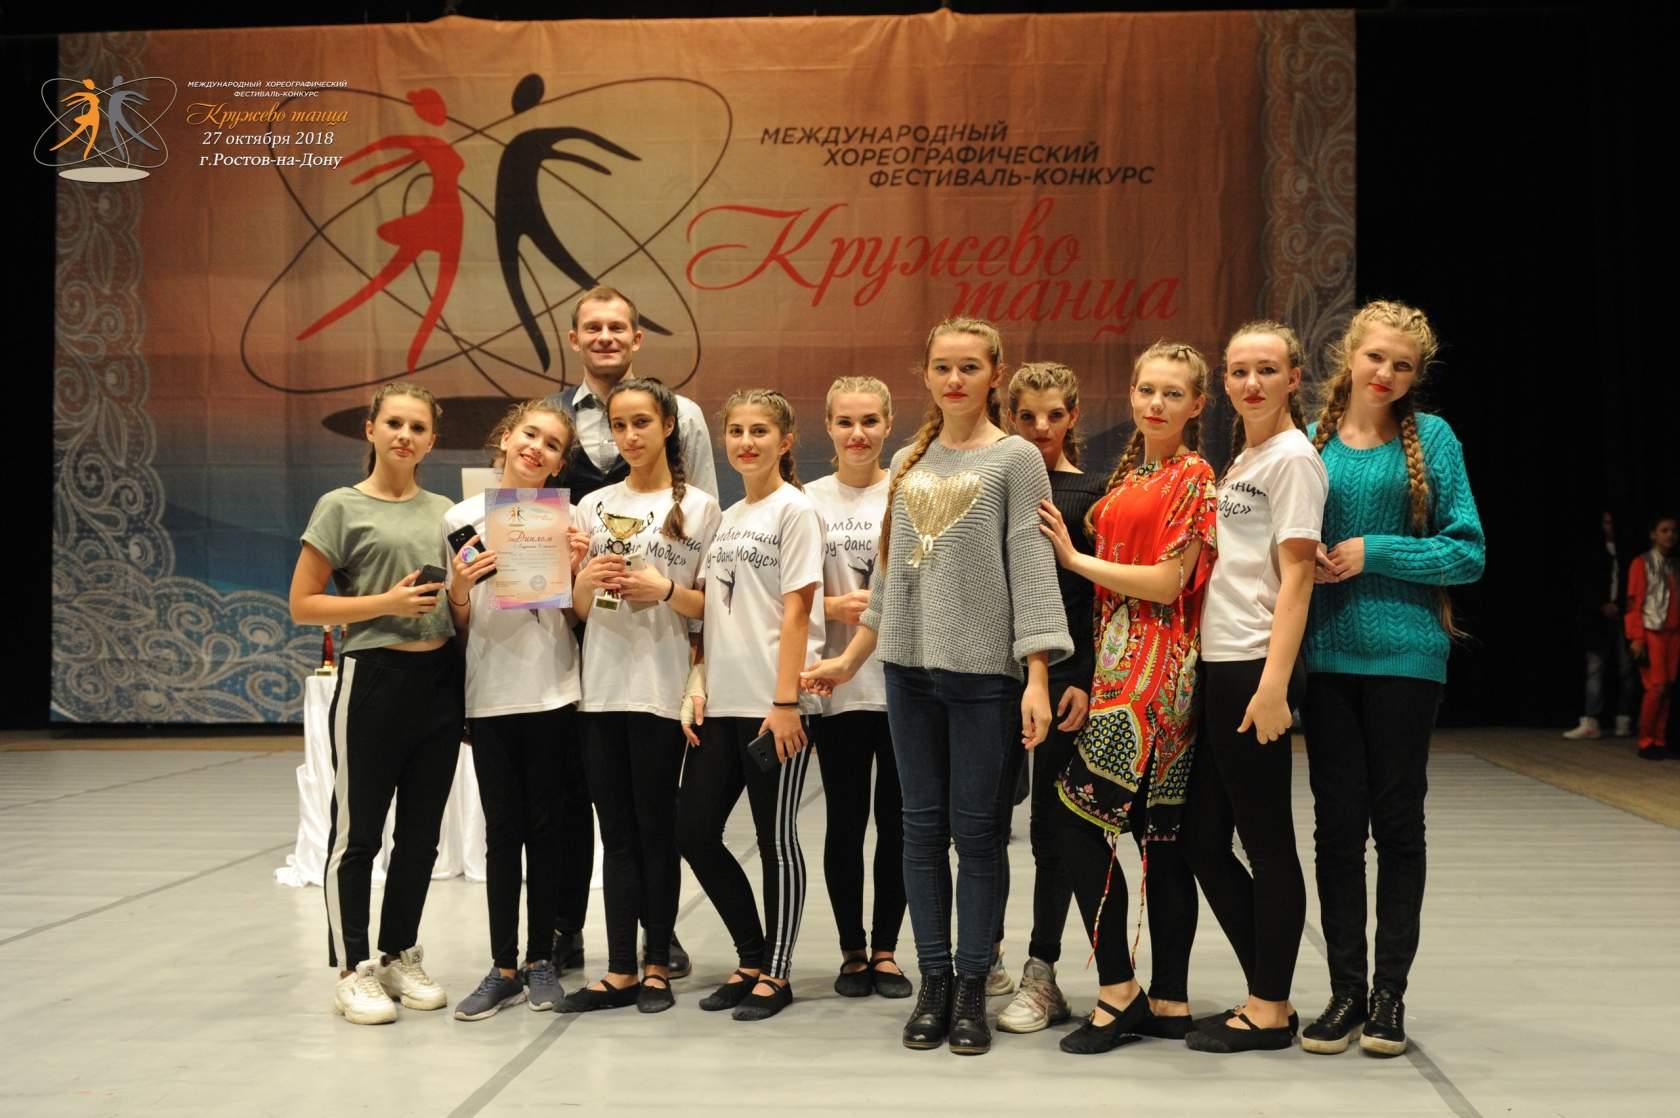 «Шоу-данс Модус» стал трижды лауреатом международного хореографического фестиваля в Ростове-на-Дону